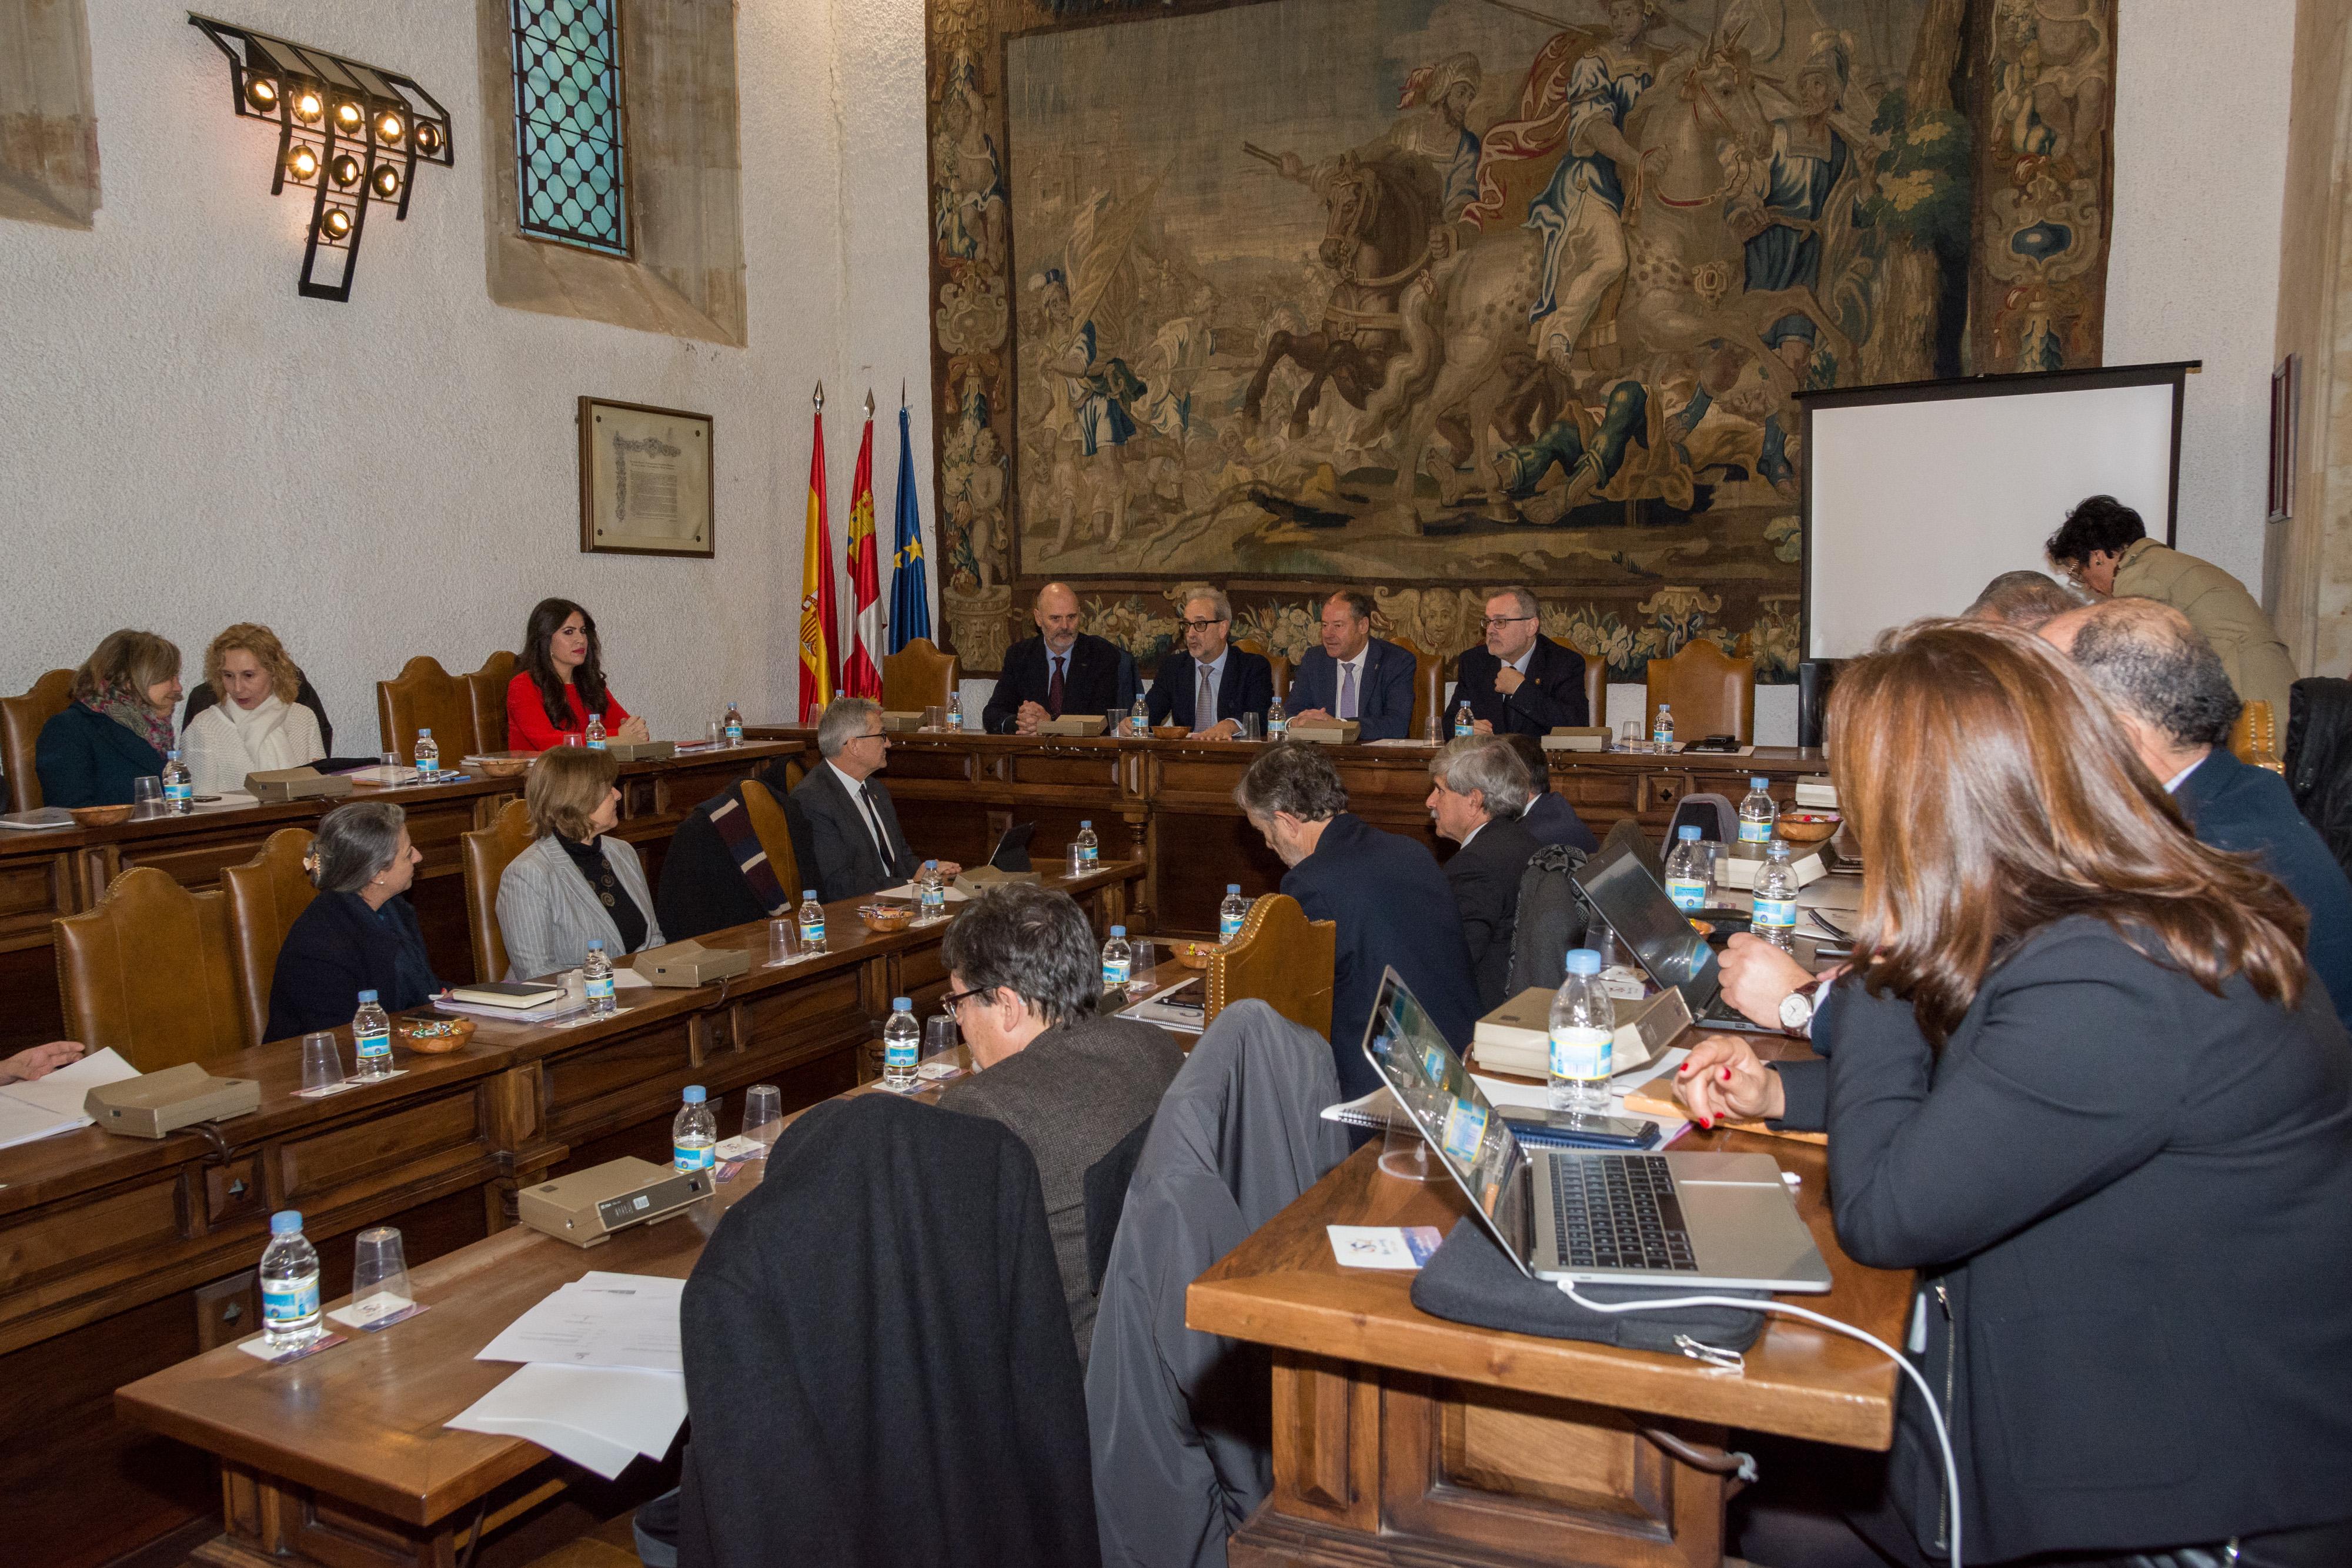 La Universidad de Salamanca acoge el VII Plenario de la Conferencia de Rectores del Suroeste de Europa